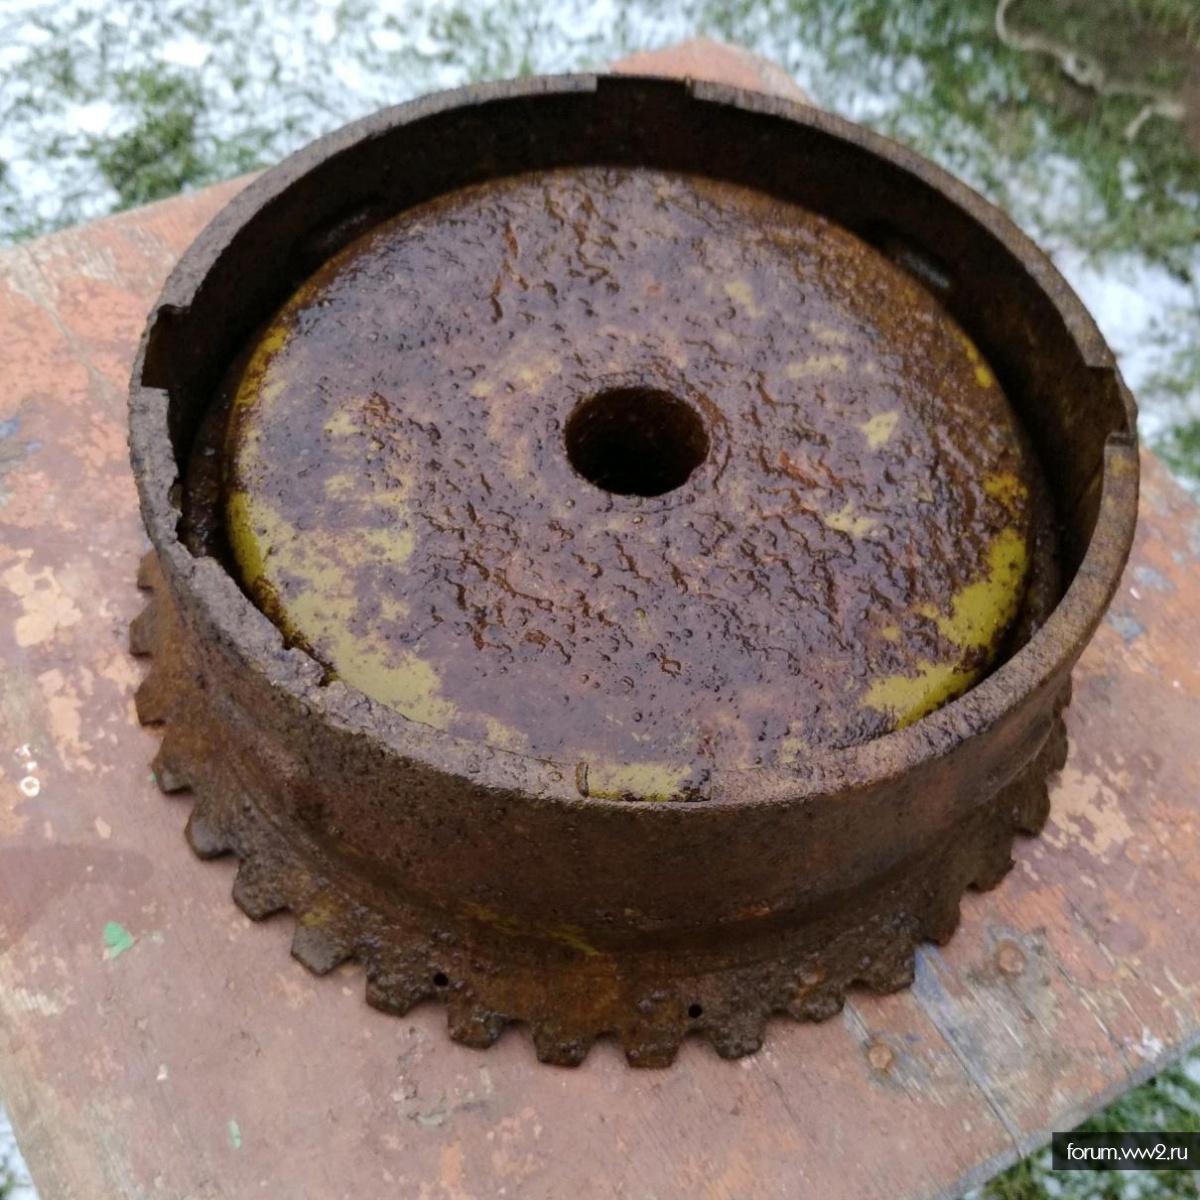 Ммг противотанковая мина пмз-40